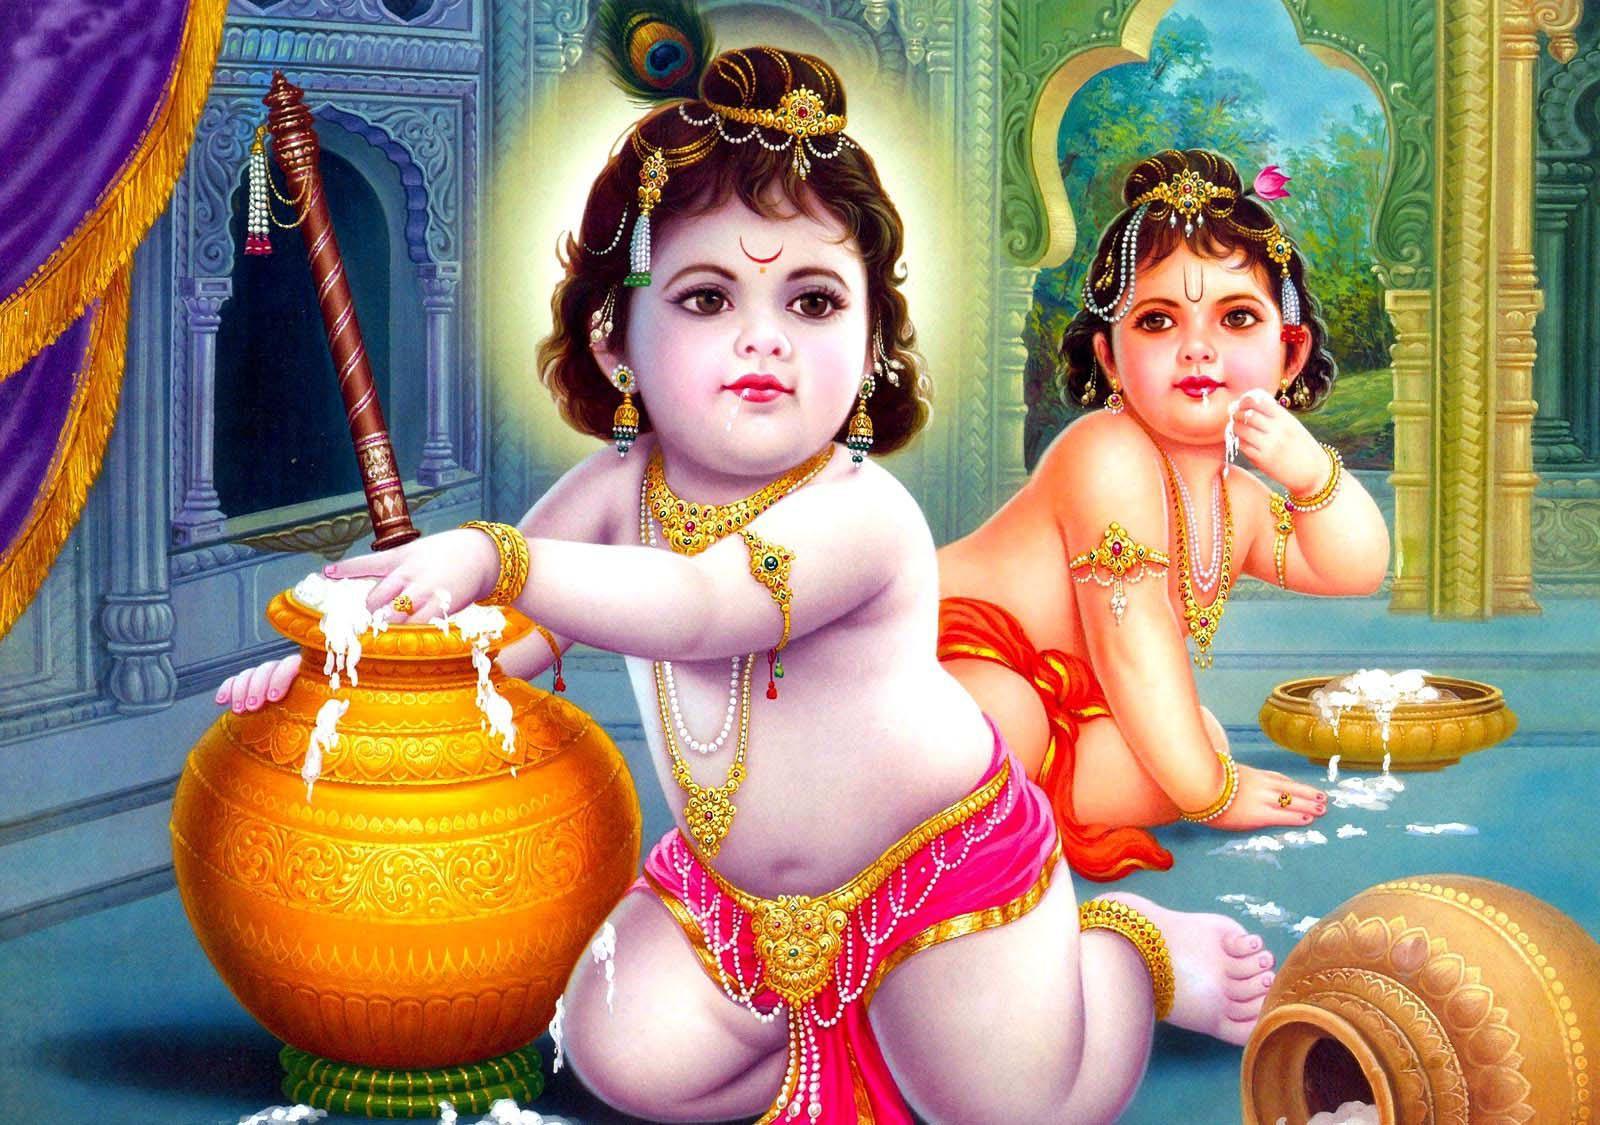 Radha Krishna Ji Taglist Page 1 - Krishna leela